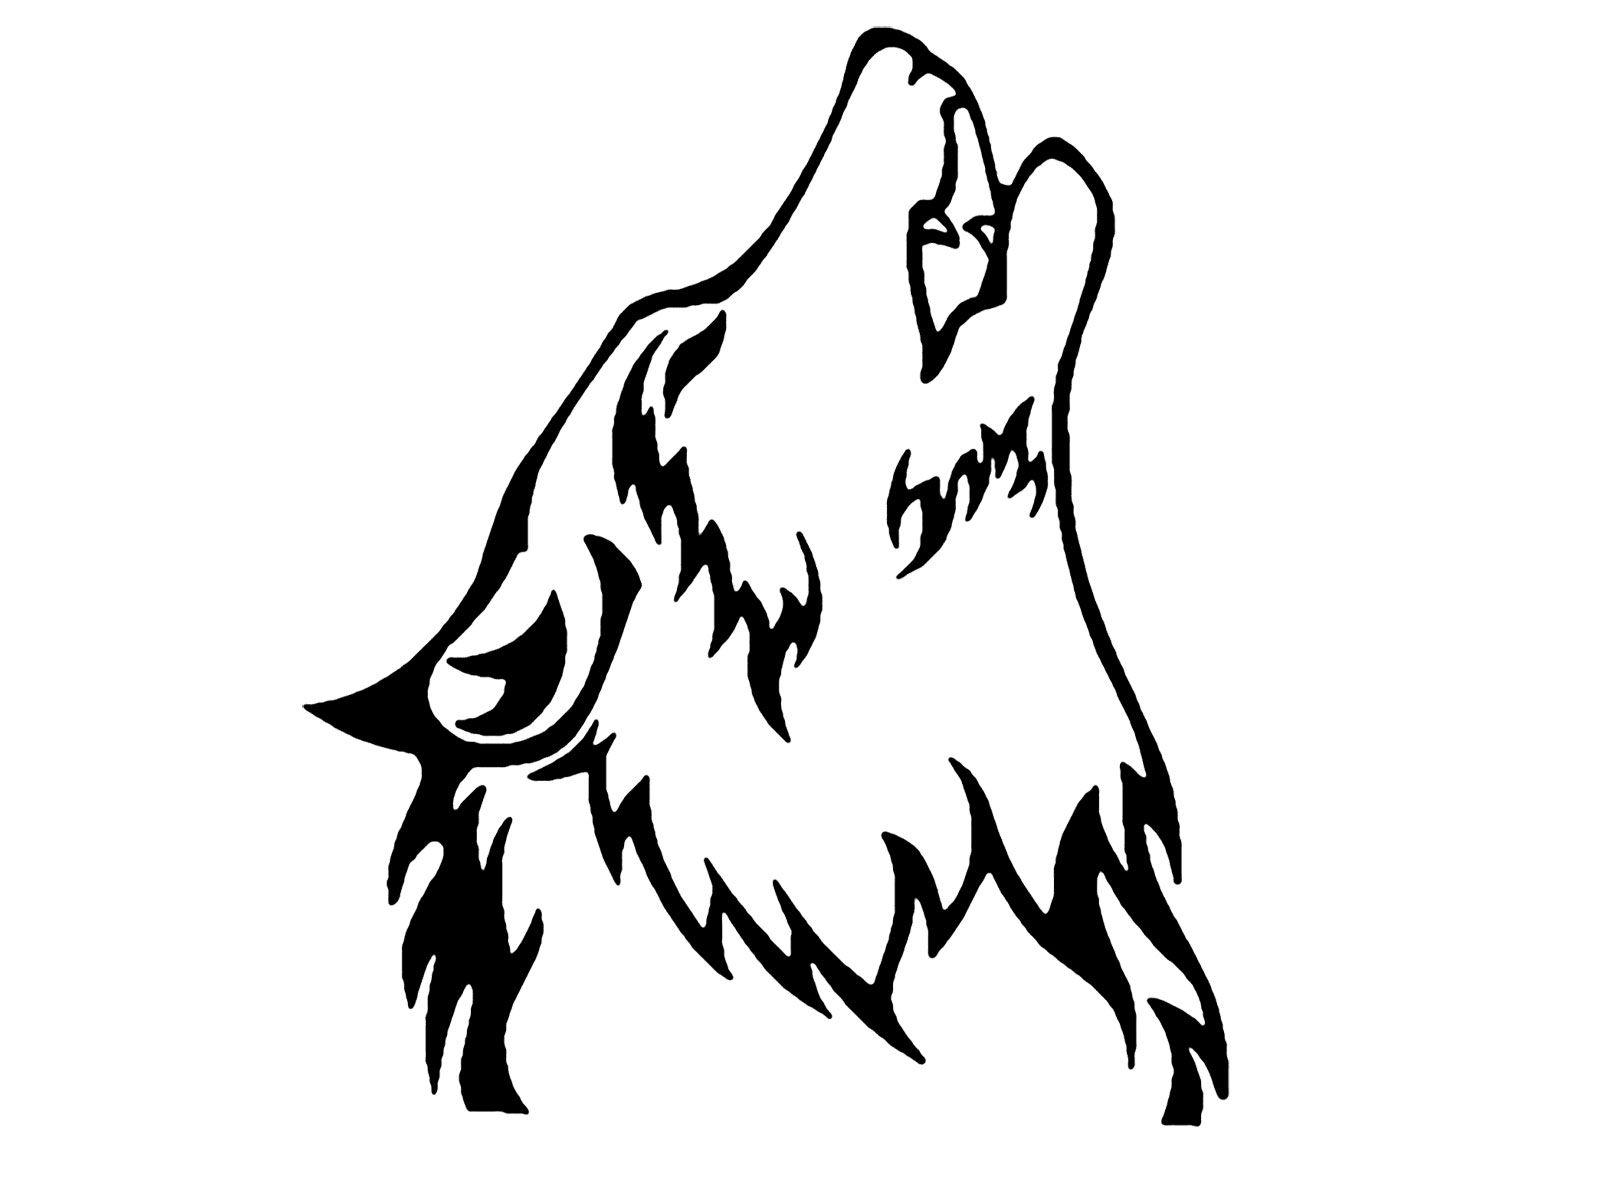 Howlingwolfdreamcatchertattoodesign1g (